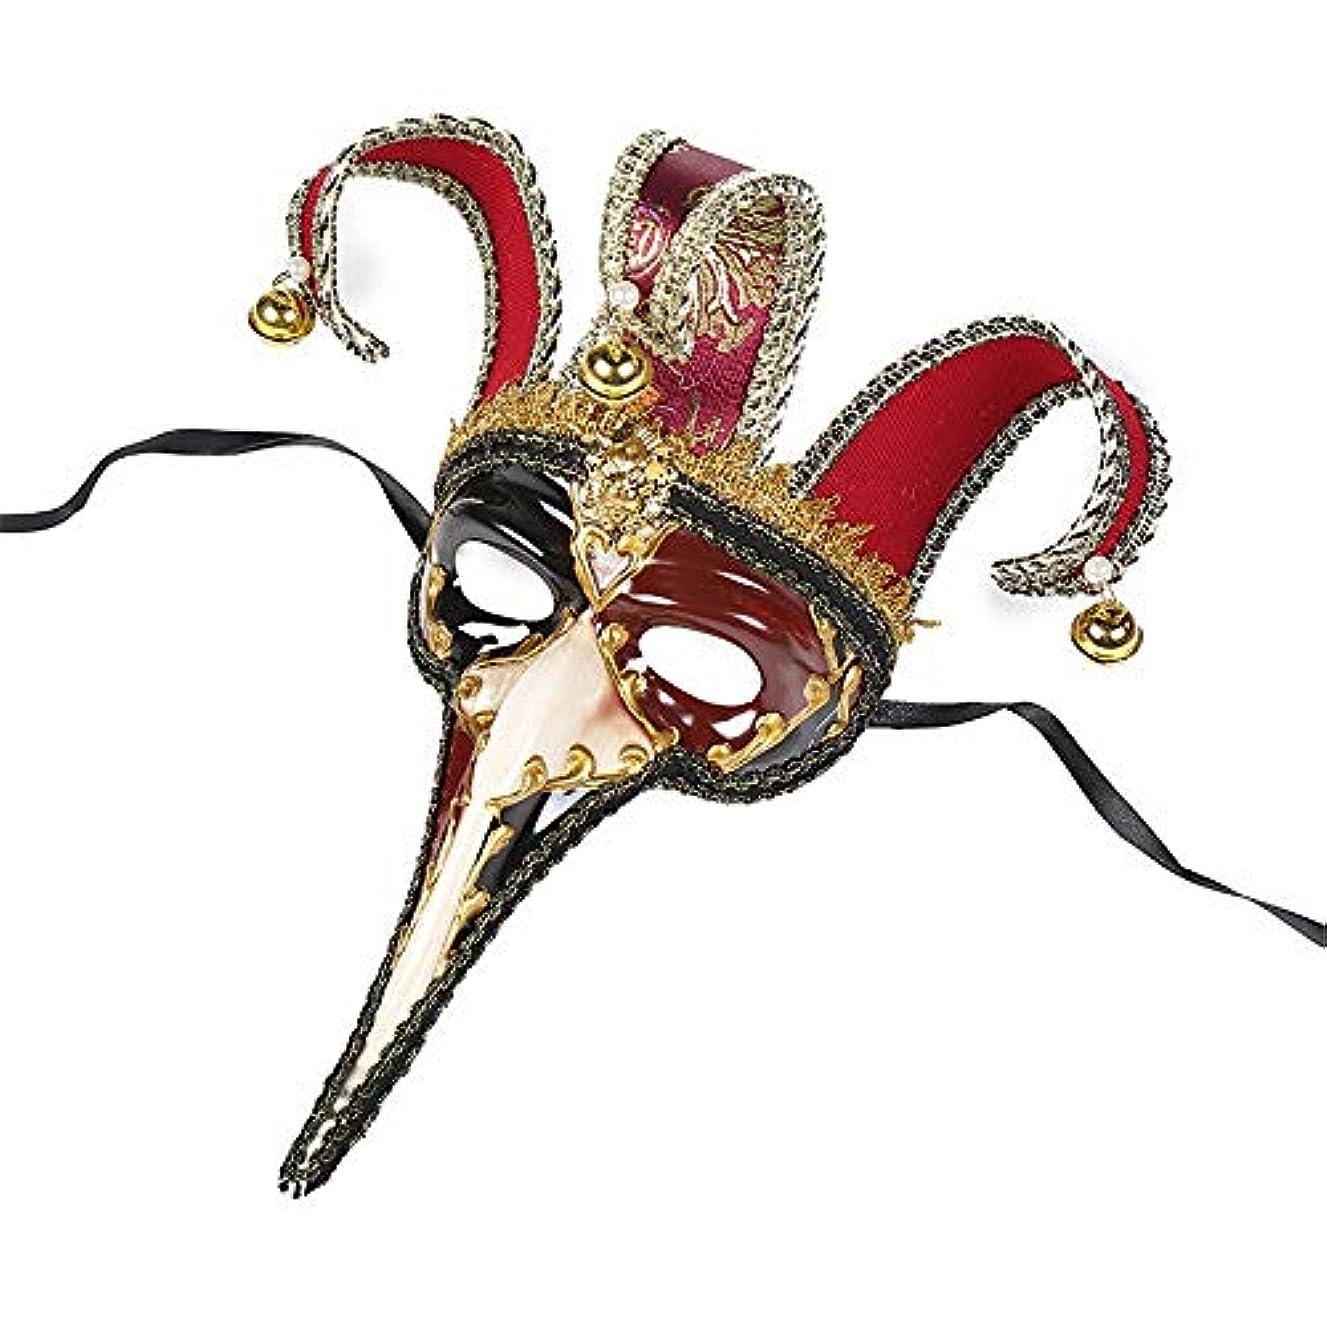 弓韓国マウンドダンスマスク ハーフフェイス鼻フラミンゴハロウィーン仮装雰囲気クリスマスフェスティバルロールプレイングプラスチックマスク パーティーボールマスク (色 : 赤, サイズ : 42x15cm)